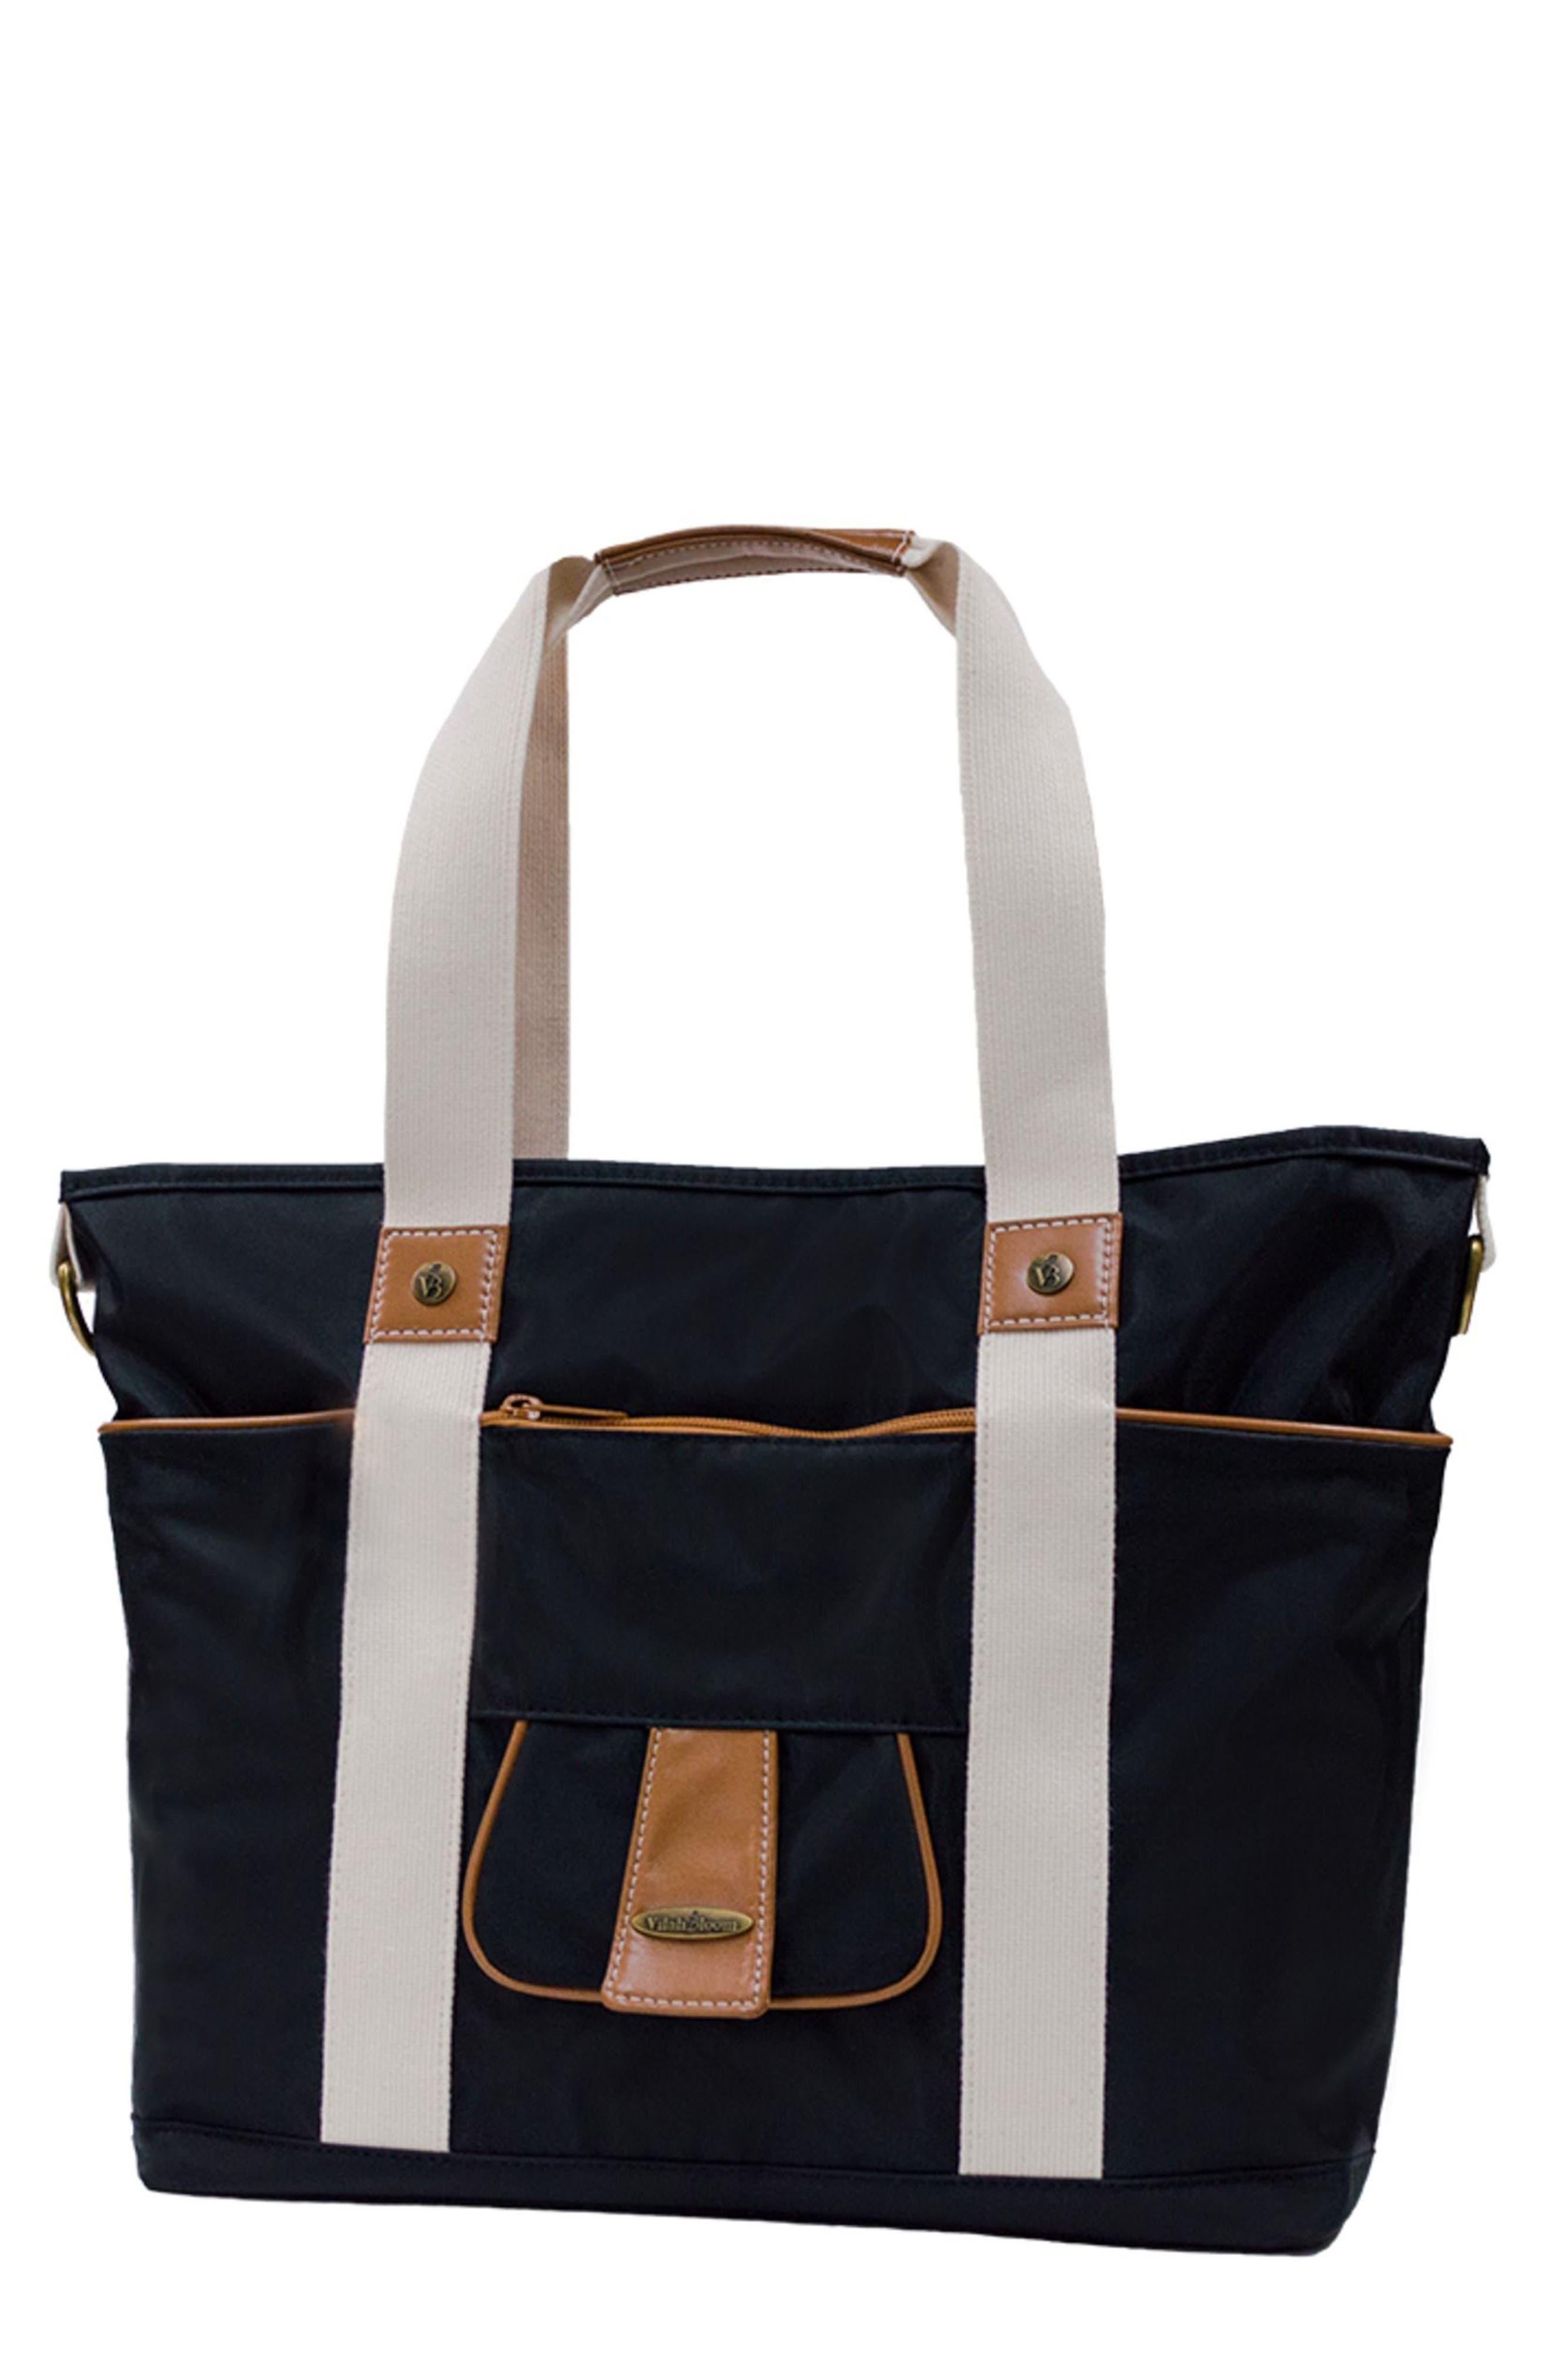 Harbor Side Tote Diaper Bag,                         Main,                         color, 001